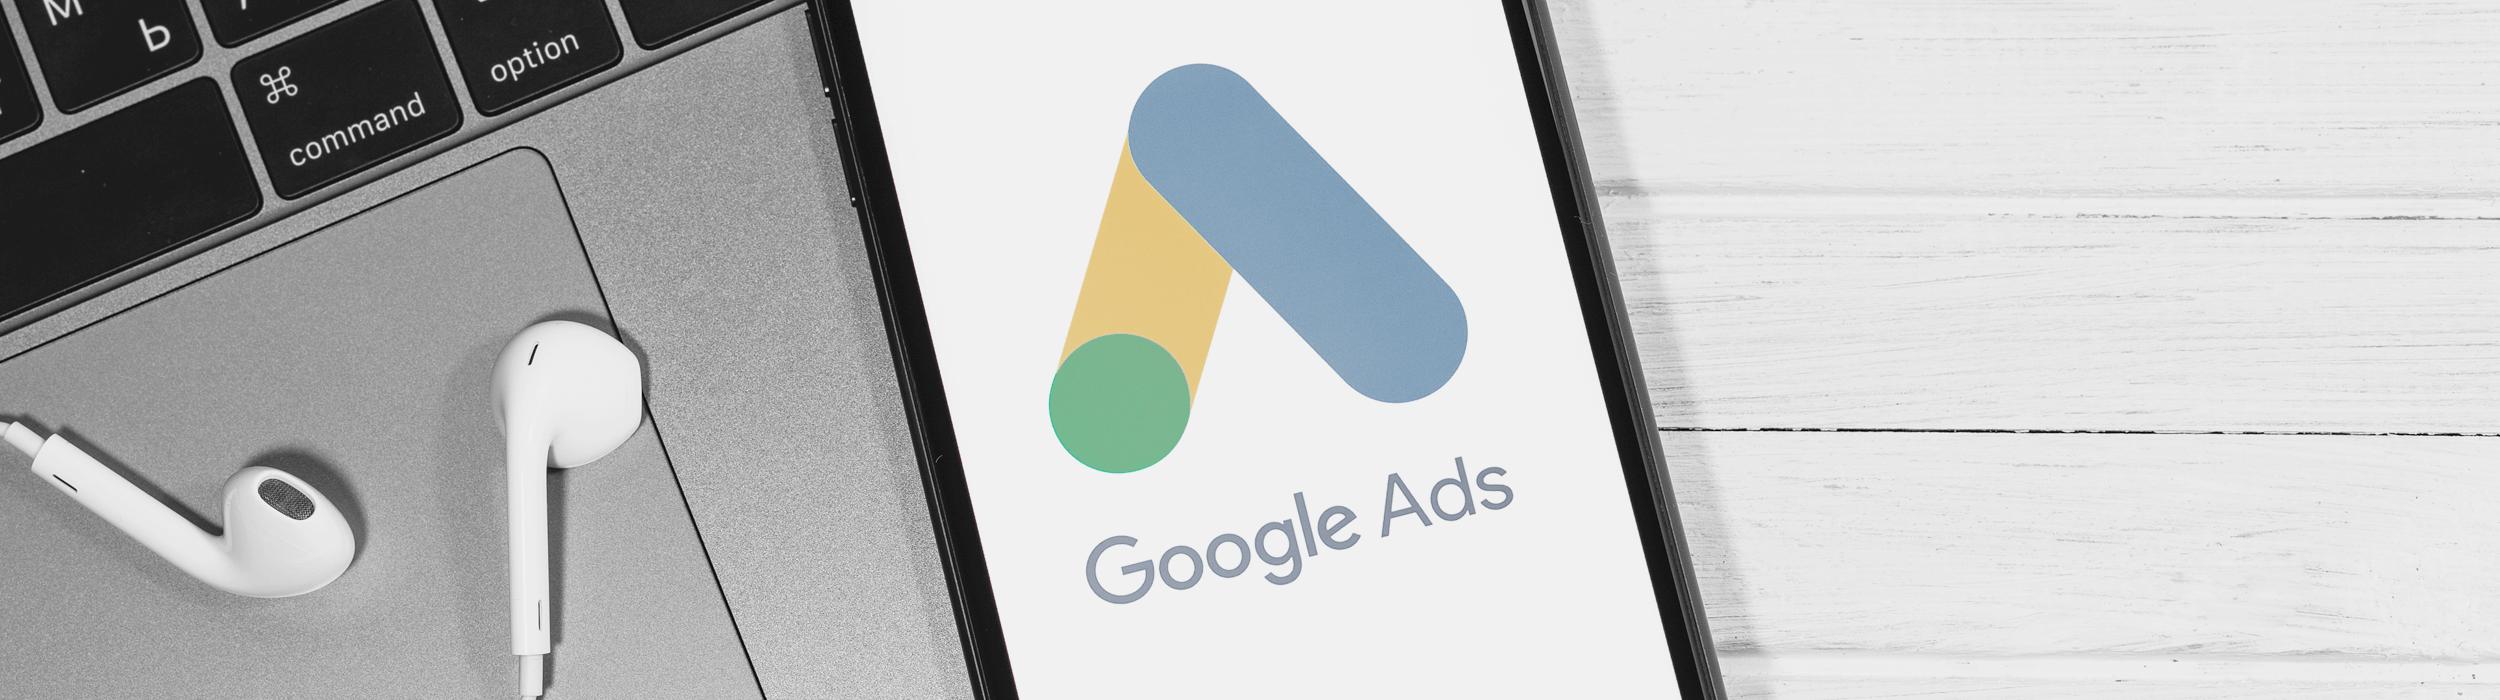 Google Ads kommer med store ændringer på Search...